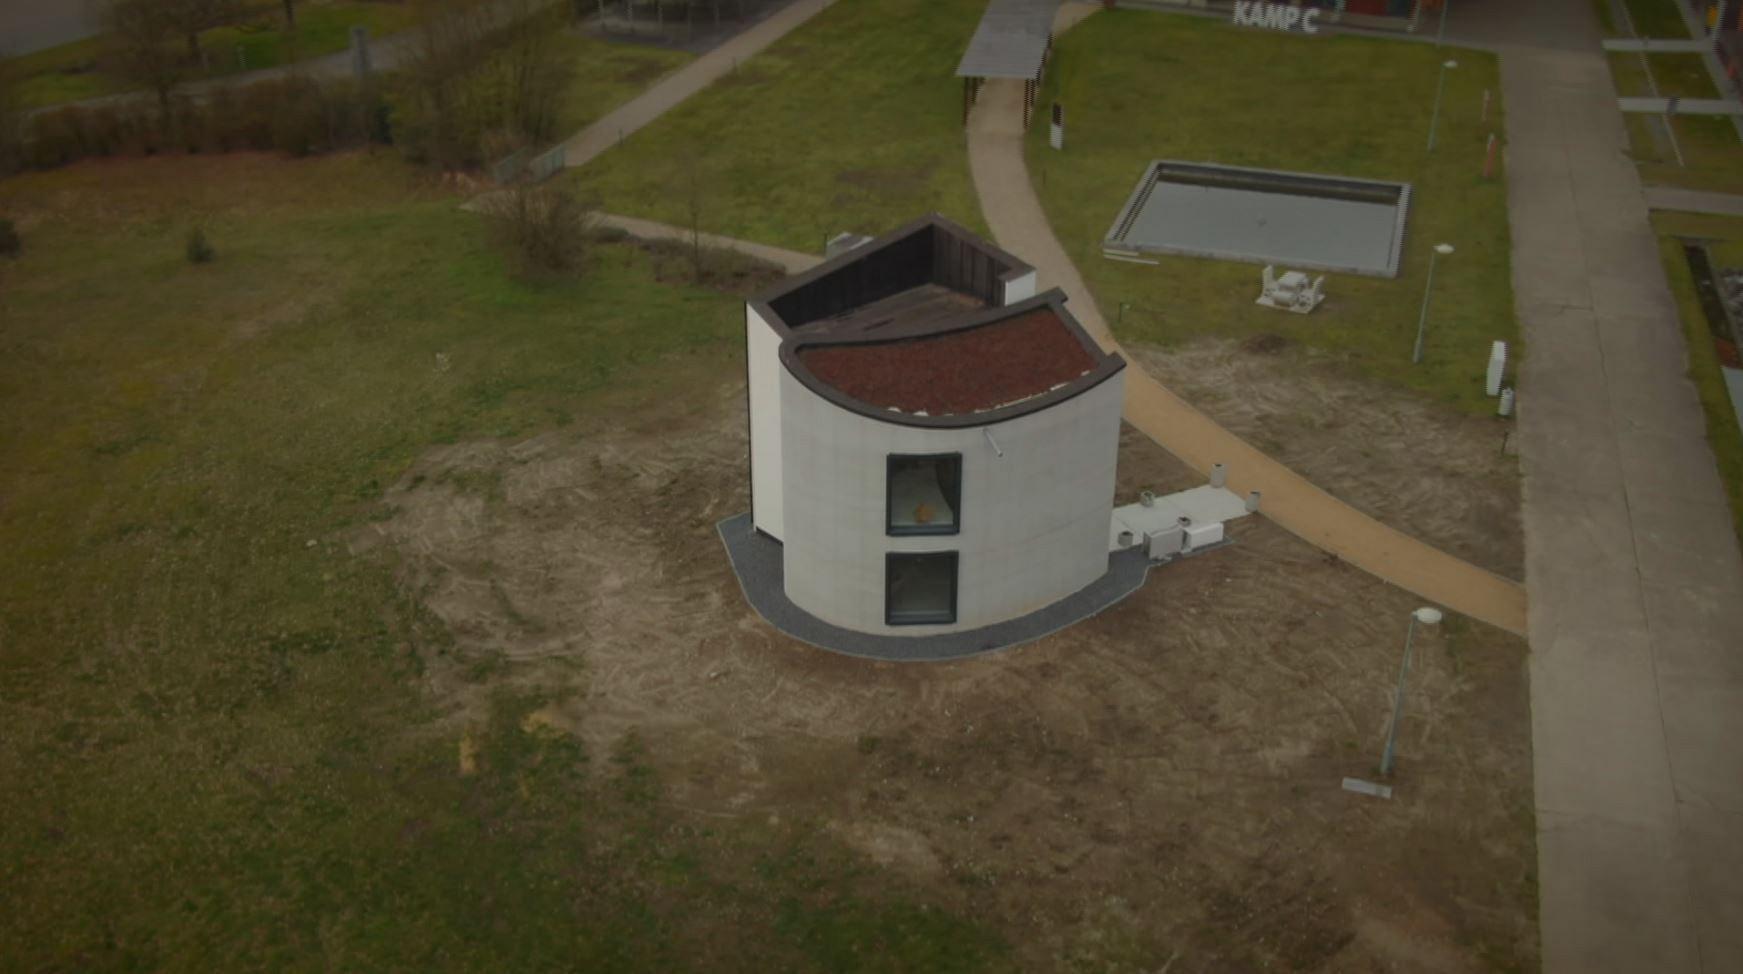 В Бельгии на 3D-принтере напечатали первый в мире цельный бетонный дом